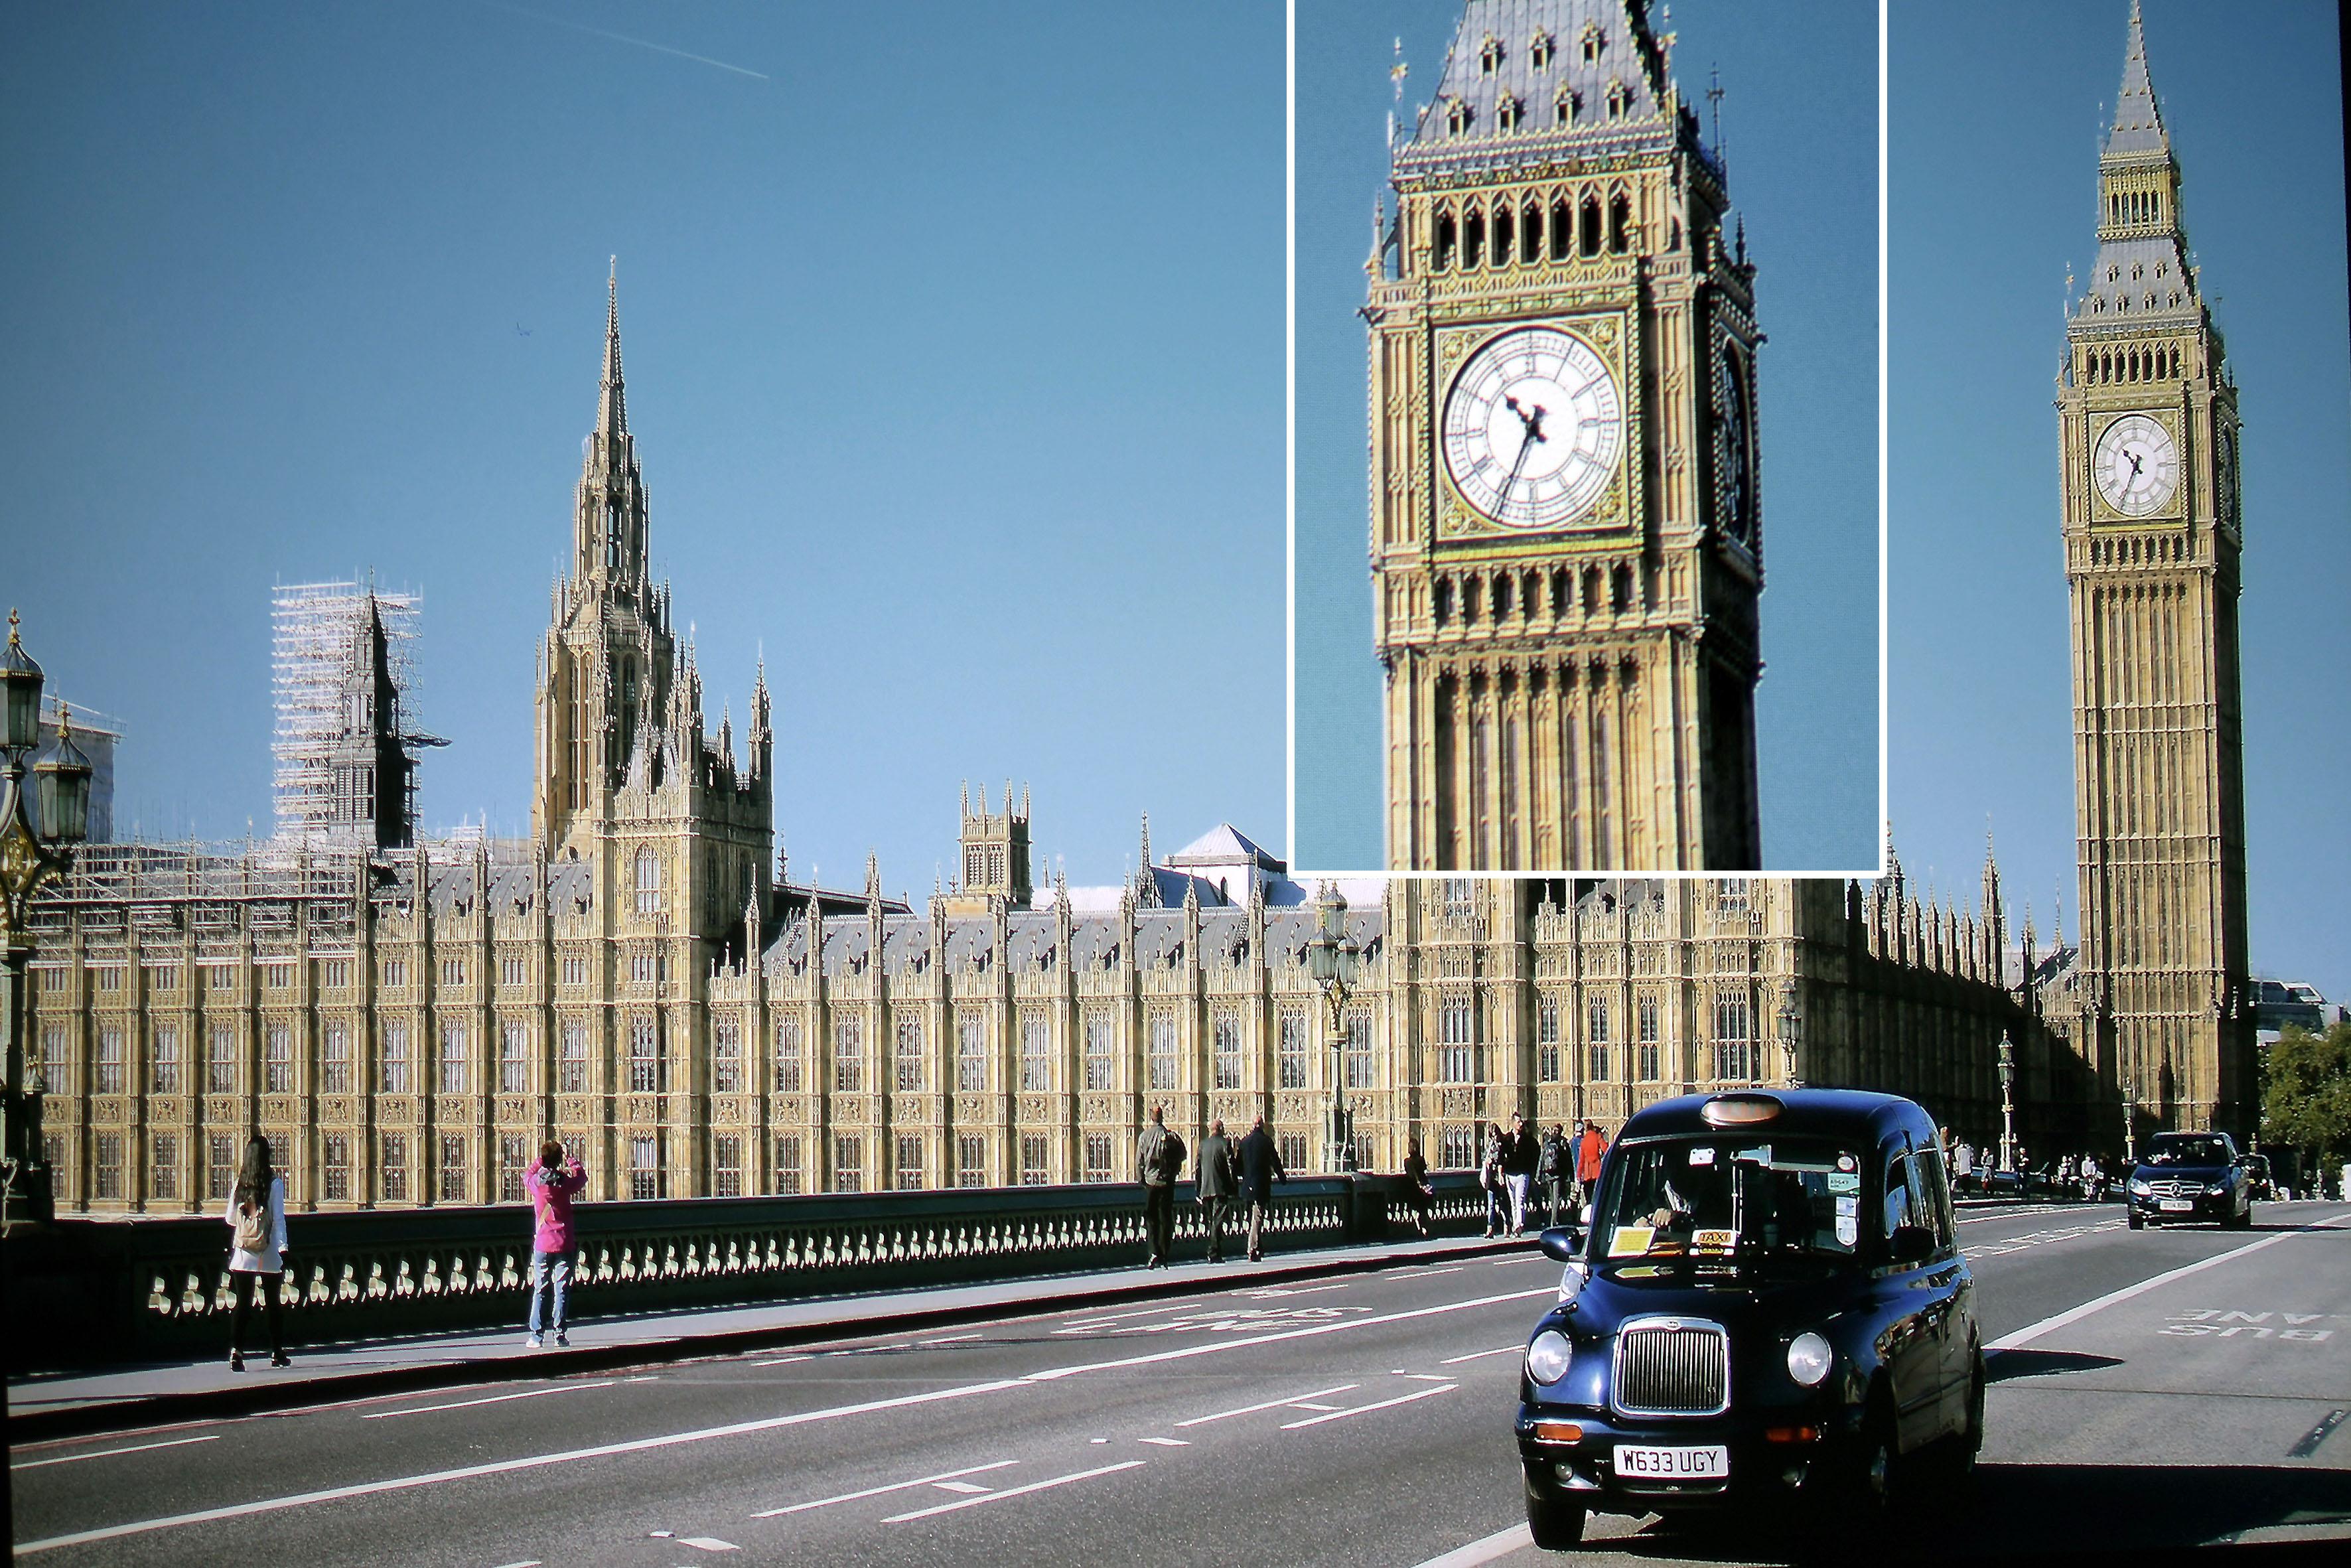 Foto: Michael B. Rehders (Originalaufnahme) Die Ausschnittsvergrößerung meiner Aufnahme aus London deckt auf, dass die Minutenanzeige auf der Uhr am Big Ben vollständig projiziert wird.